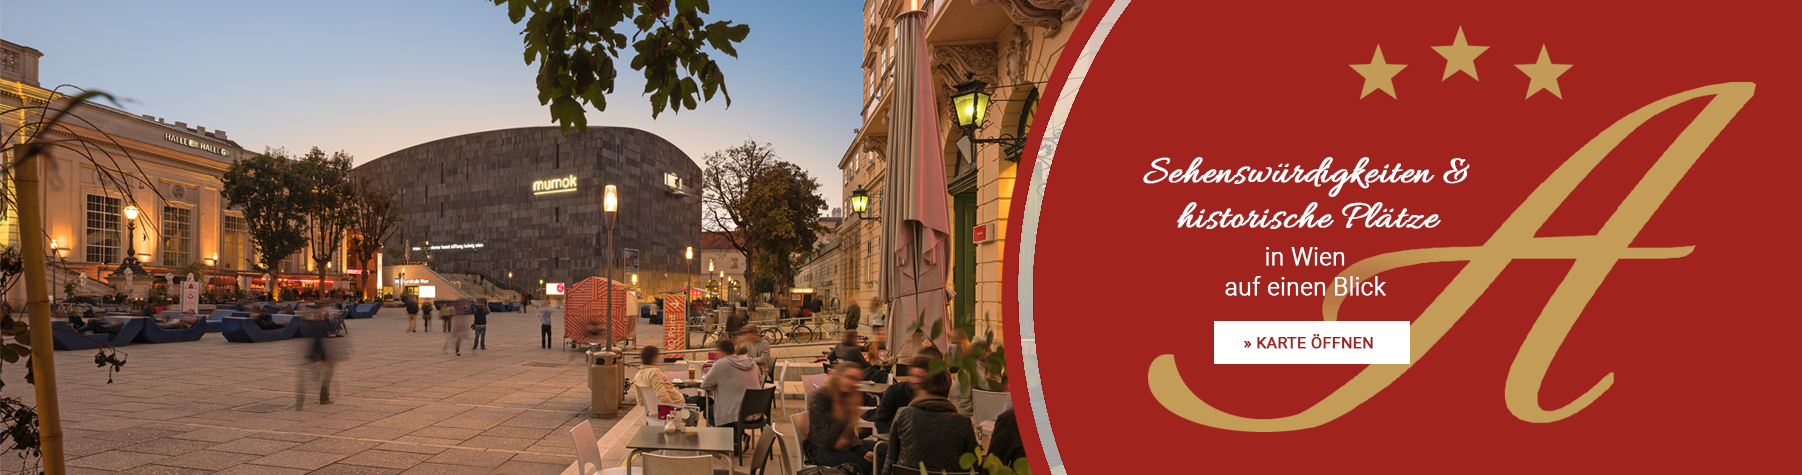 Sehenswürdigkeiten & historische Plätze in Wien